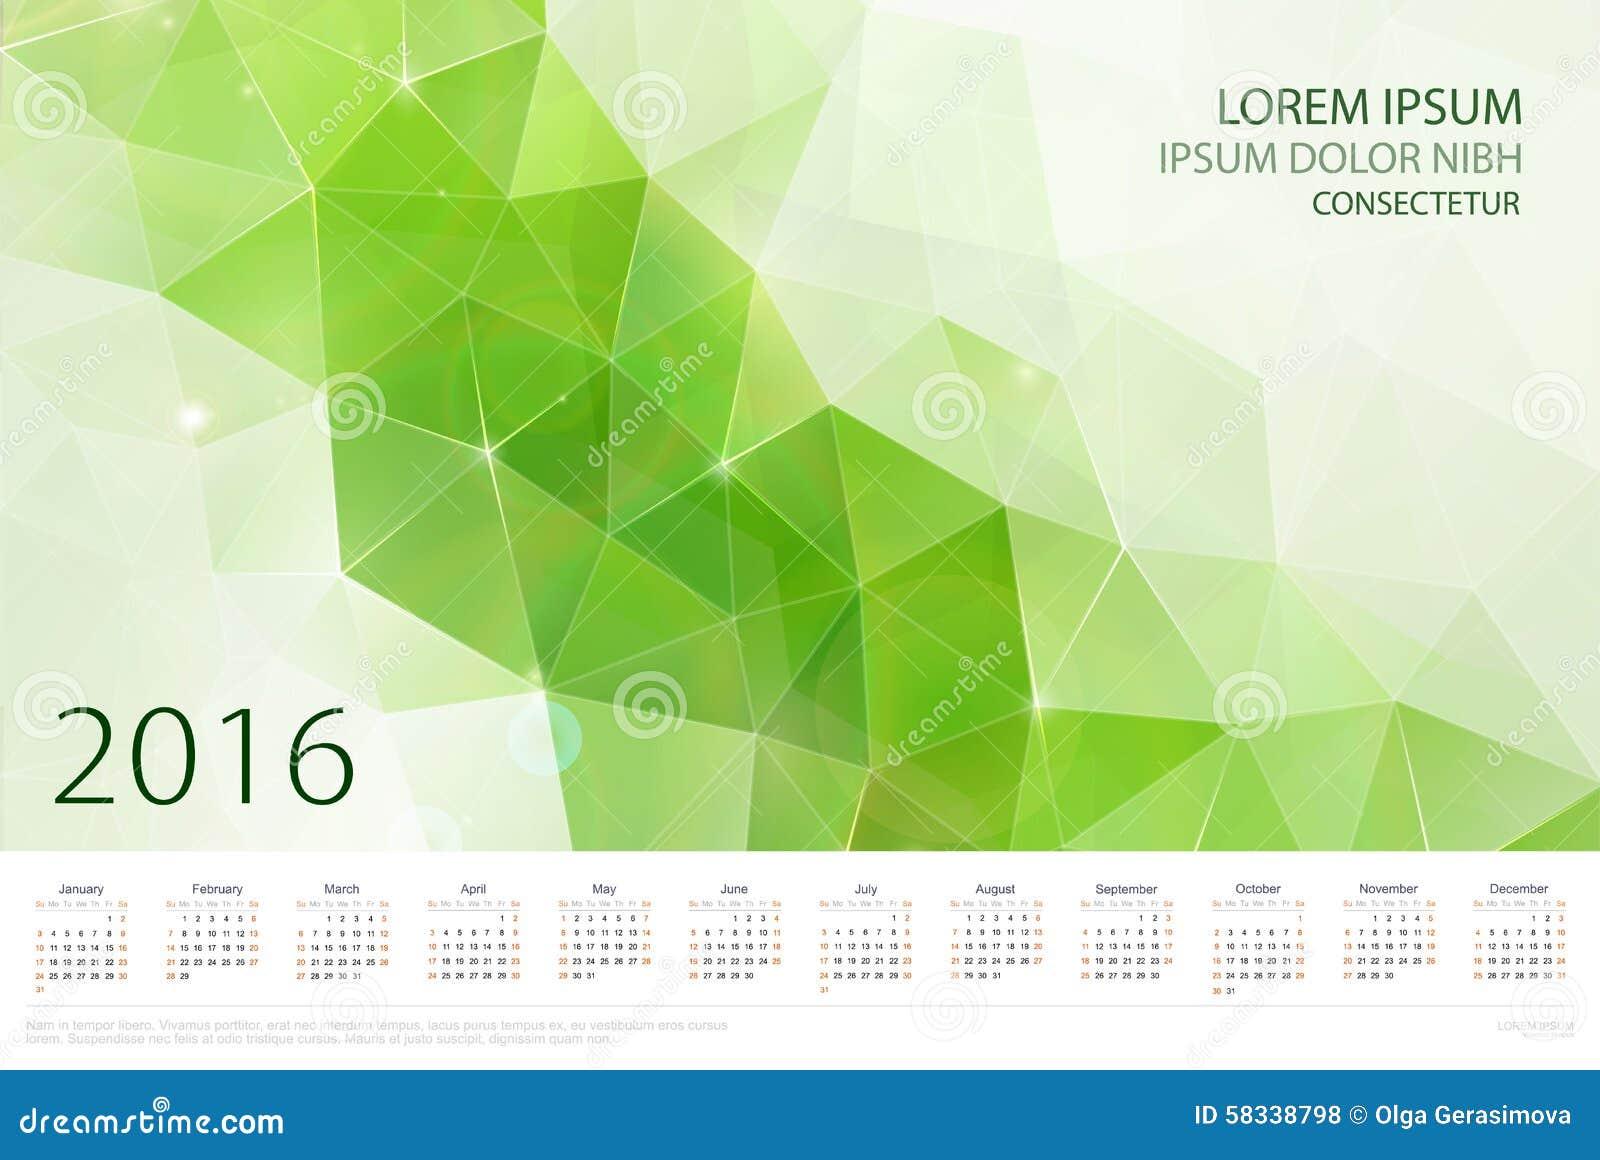 Calendar Background Vector : Abstract calendar vector background stock